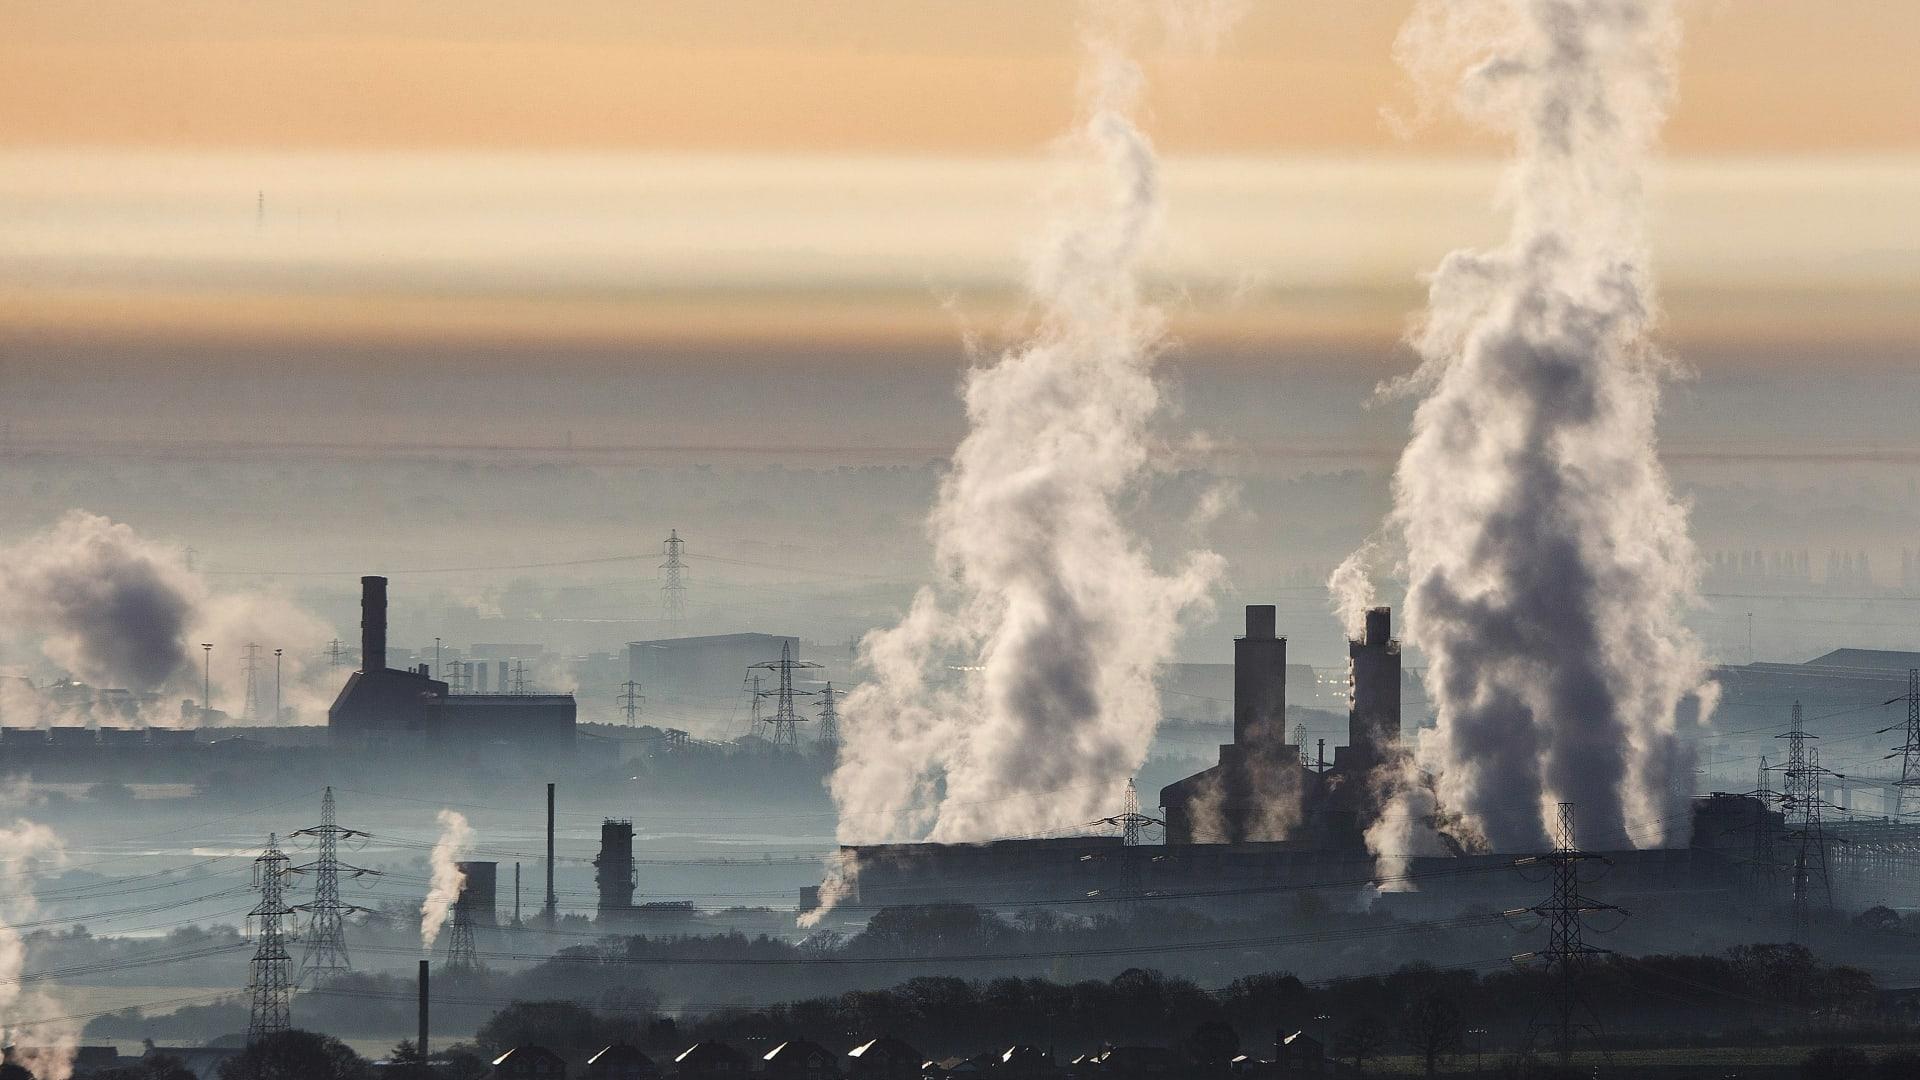 أزمة شتوية تلوح في الأفق مع ارتفاع أسعار الطاقة في أوروبا لمستويات قياسية